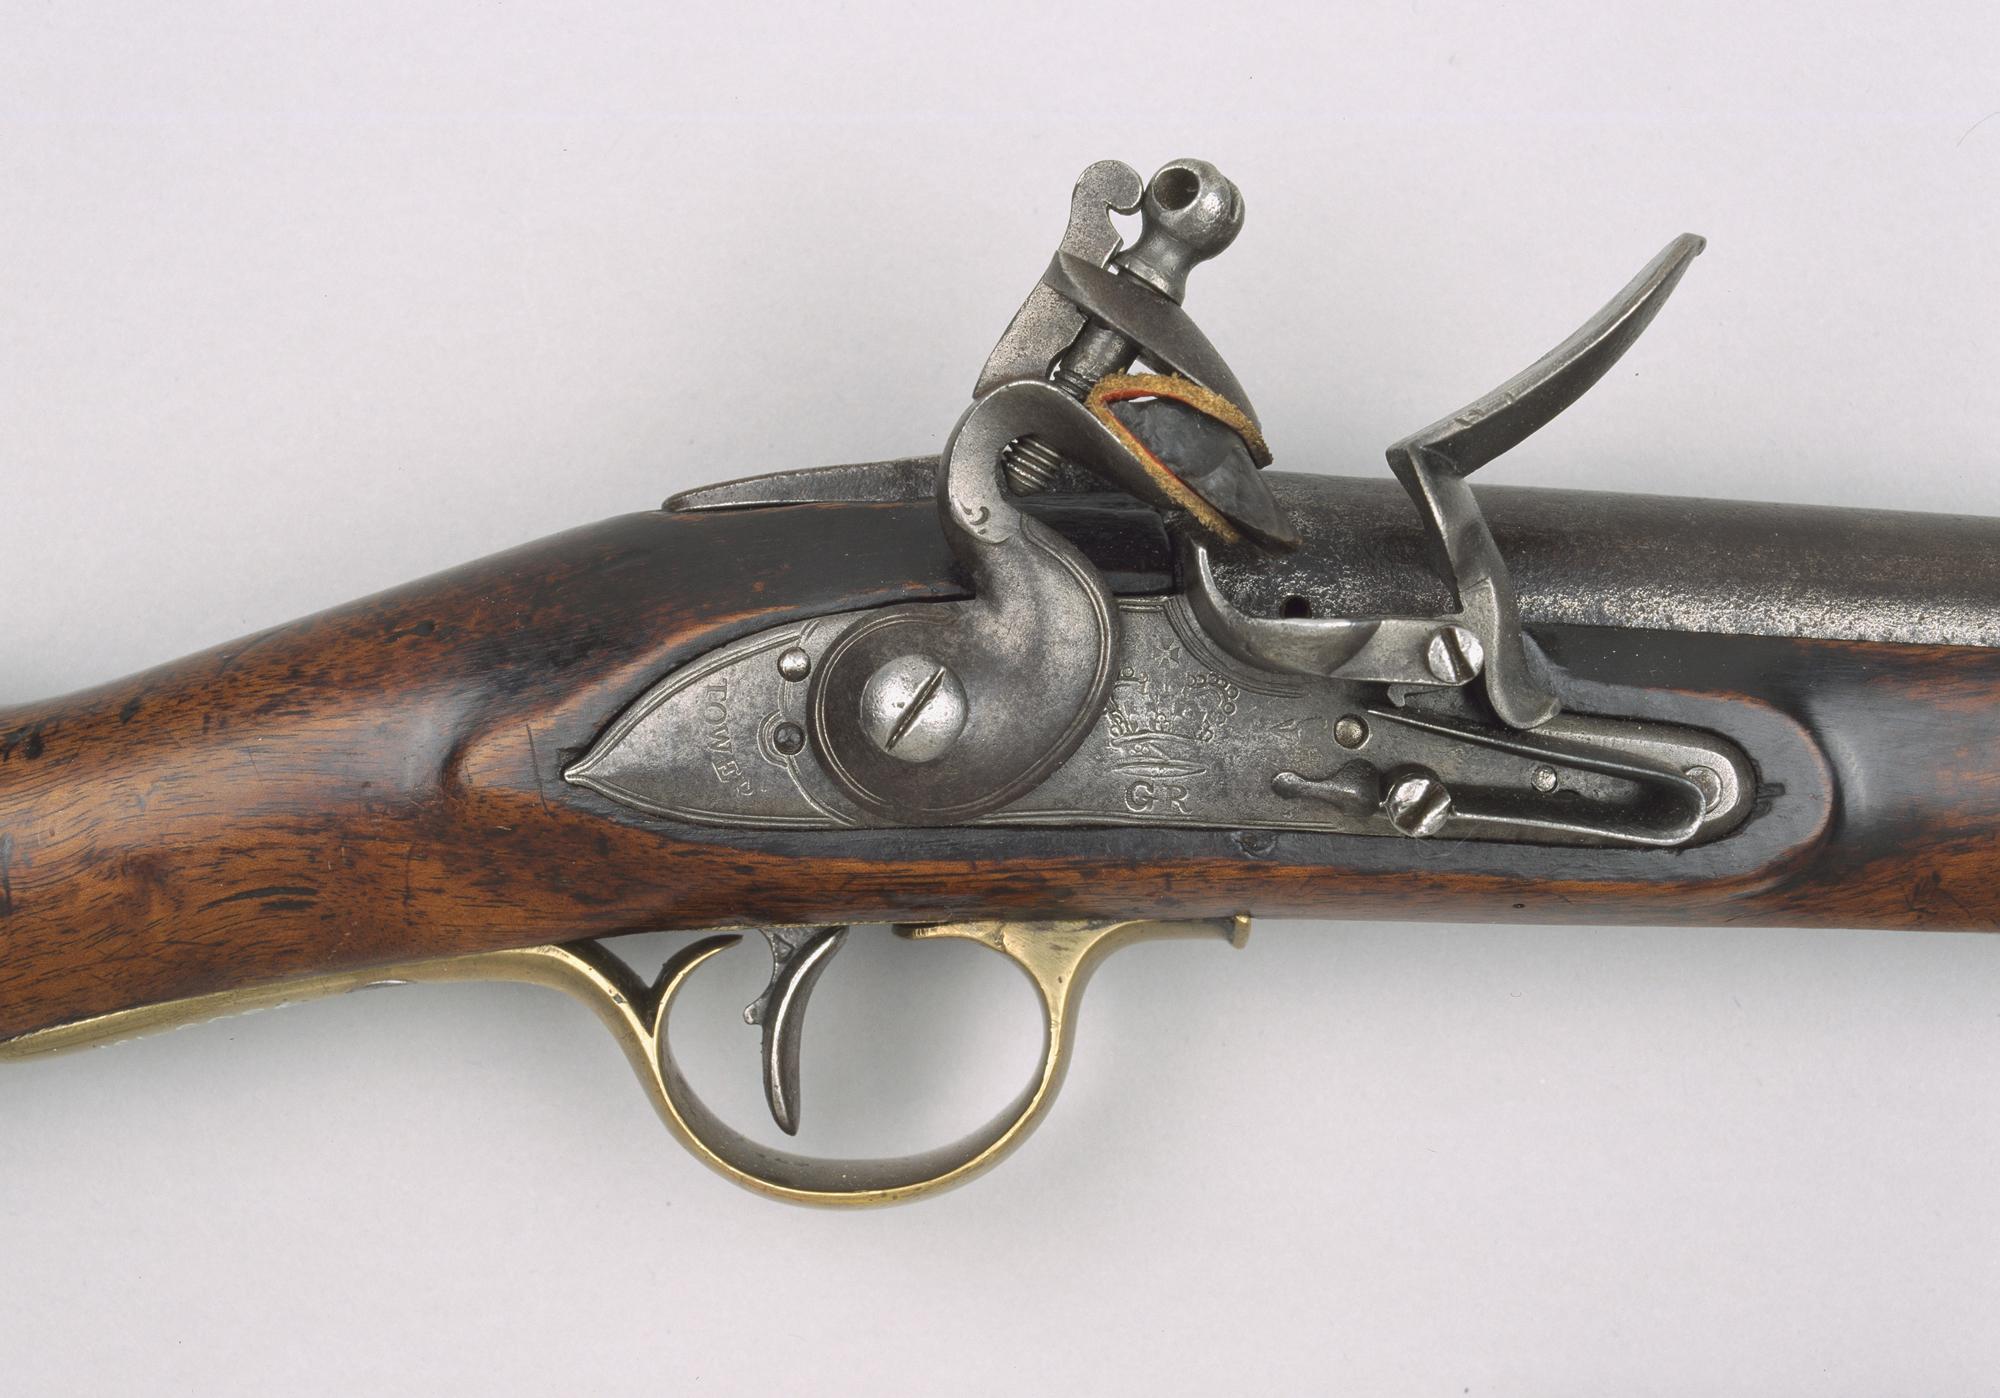 Cavalry Carbine - Age of Revolution